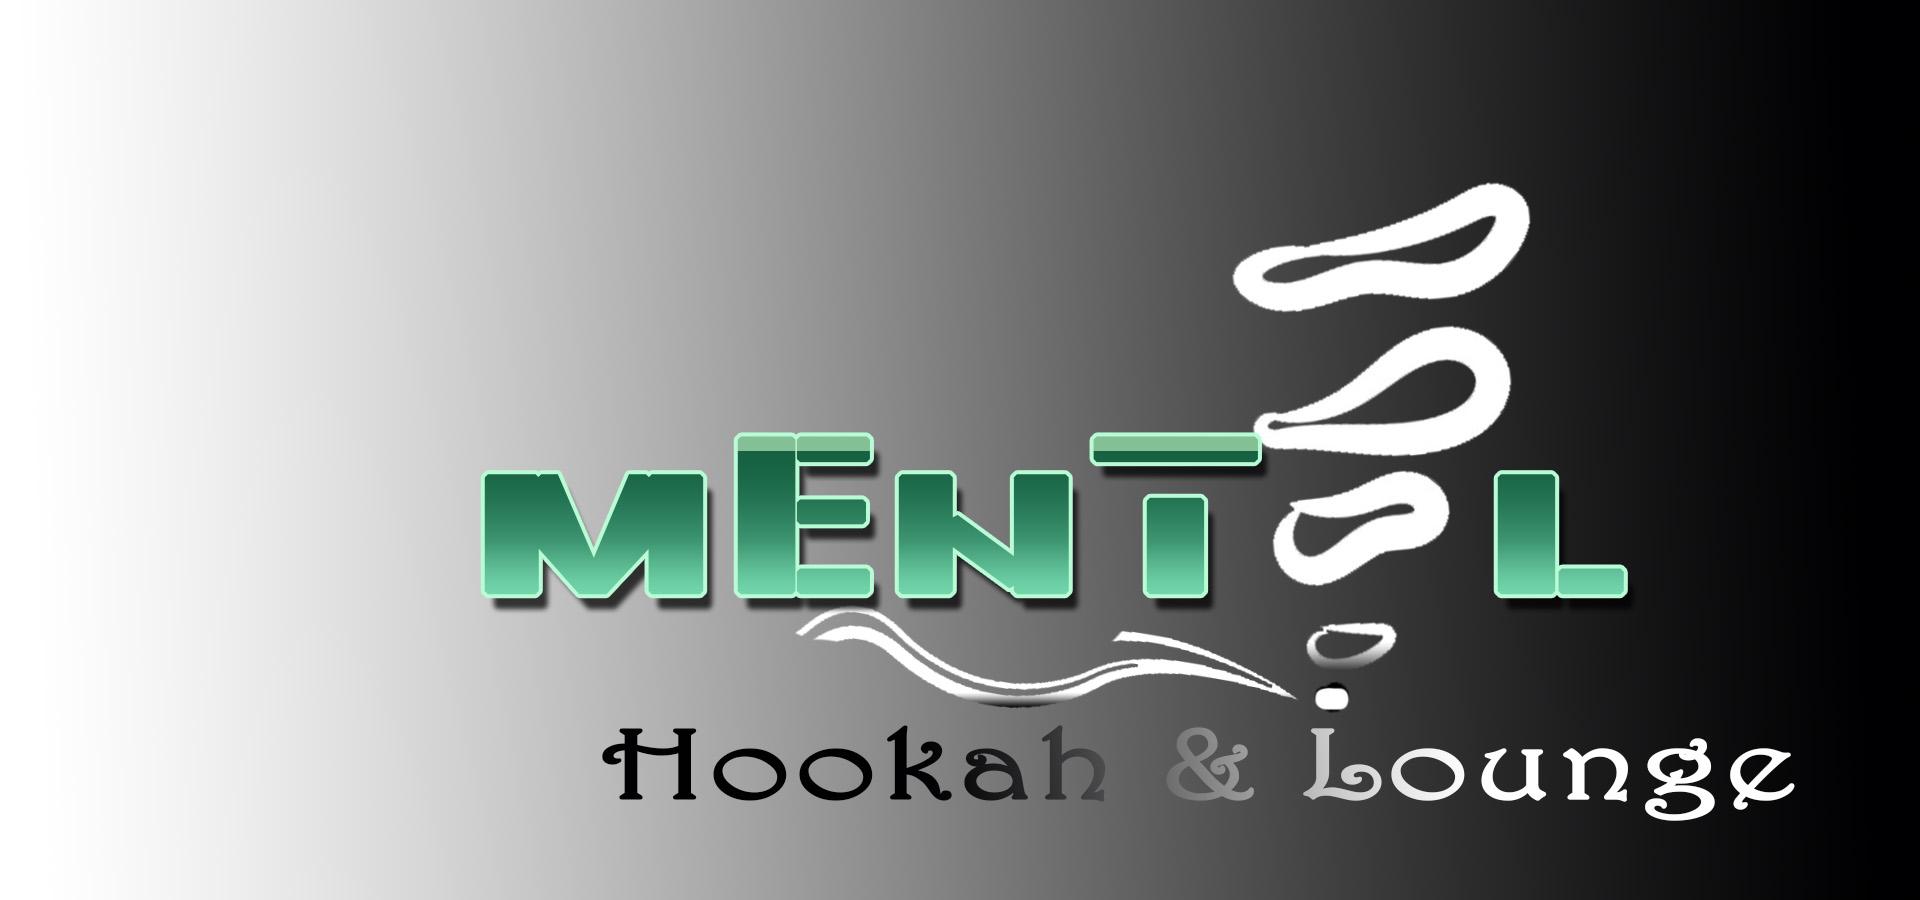 Создать логотип для кальянной!!! фото f_2015e106d0f7091b.jpg